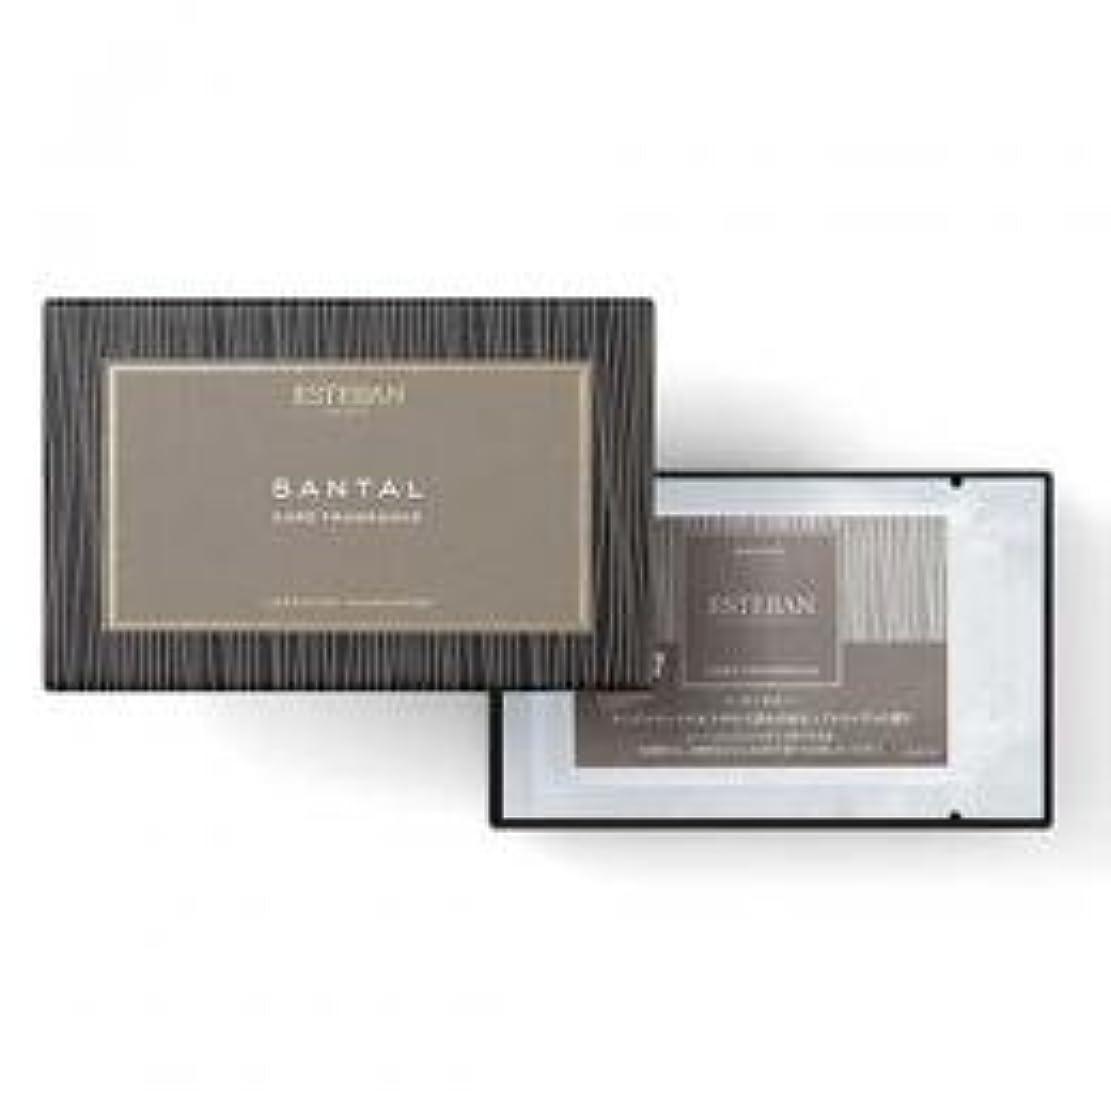 エステバン カードフレグランス サンタル